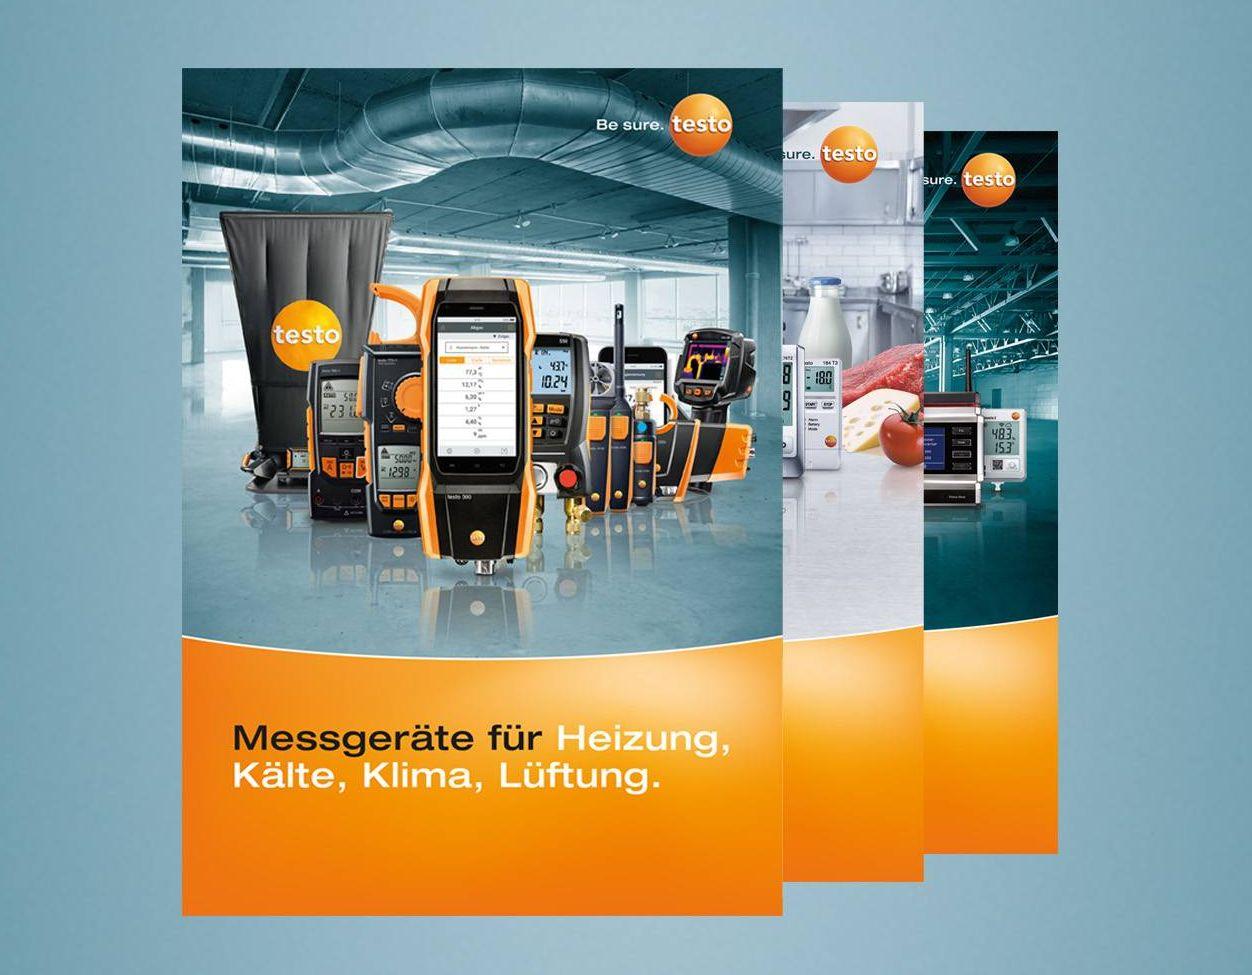 Kataloge-hvac-industrie-food-bild.jpg